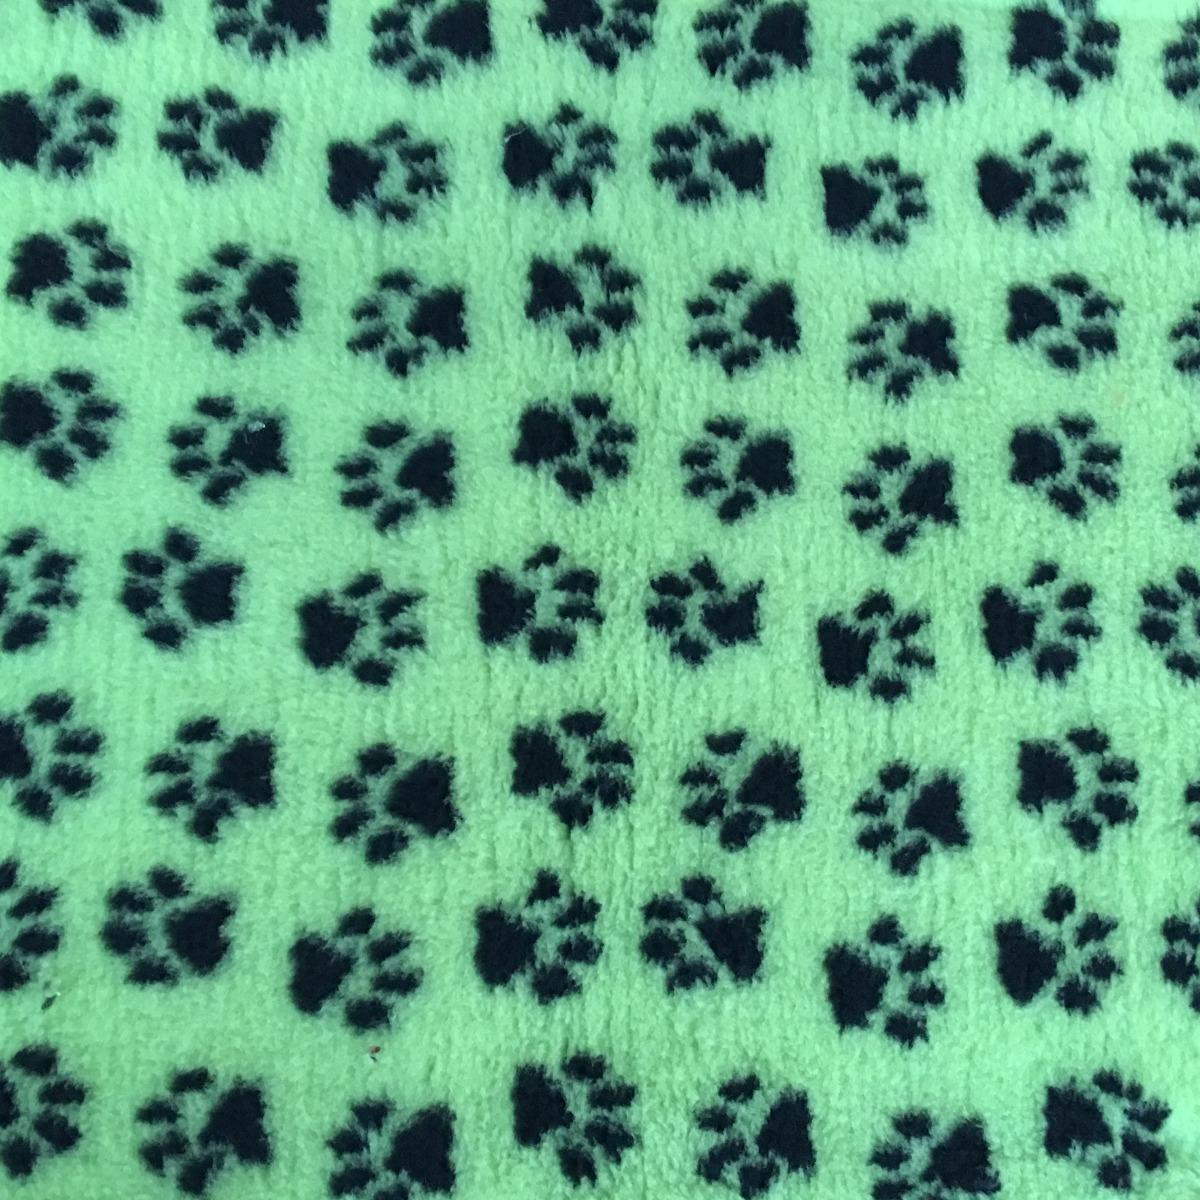 Let bij het vergelijken van Vetbedden op de poolhoogte en het gramsgewicht/m2!  Formaat 150 x 100 cm. Premium kwaliteit met anti-slip backing. Waterdoorlatend, warmte isolerend. Anti-allergeen. Uitstekende kwaliteit, 1700 gr/m2 poolhoogte 22 mm! Ideaal voor pups en in de mand of werpkist. Kleuren: groen met zwarte pootjes.  Tips:  Latex anti-slip is wasbaar op 40 graden. Kan in de droger. (op de koudste stand) Niet in de volle zon drogen, latex is een natuurproduct.